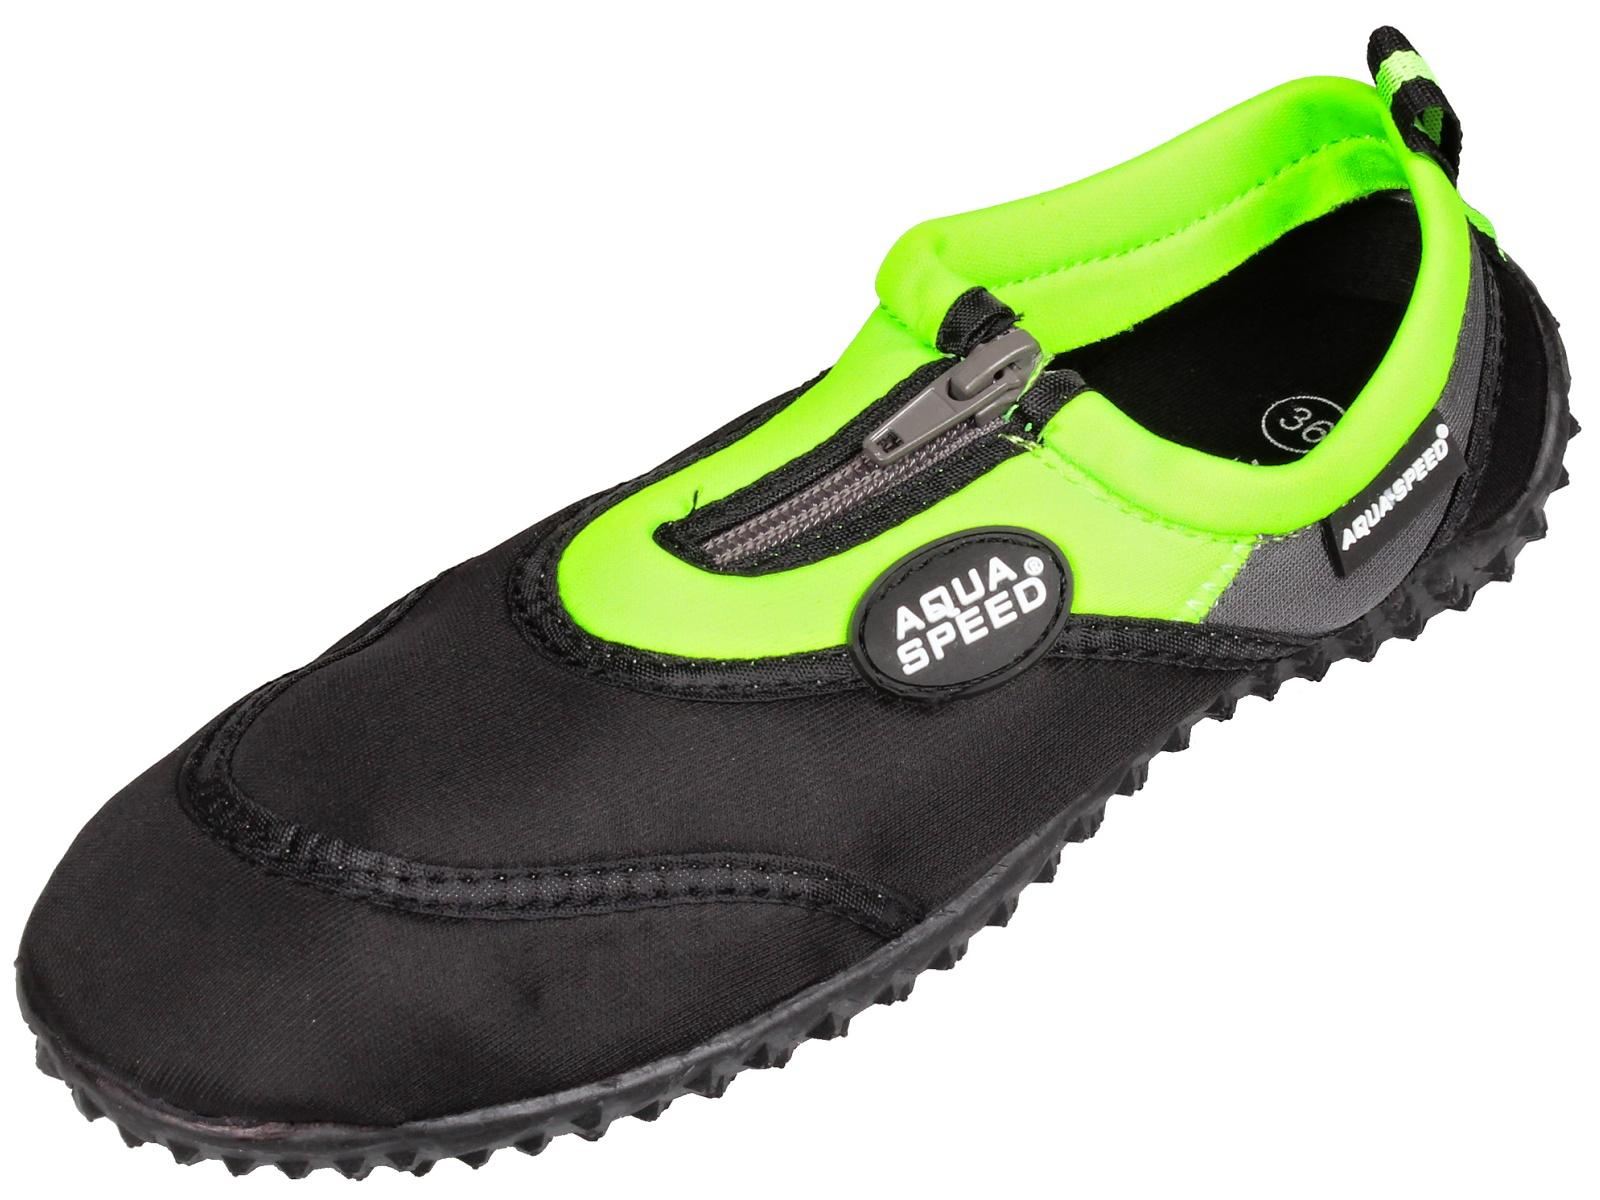 Topánky do vody AQUA-SPEED 4 čierno-zelené - veľ. 40